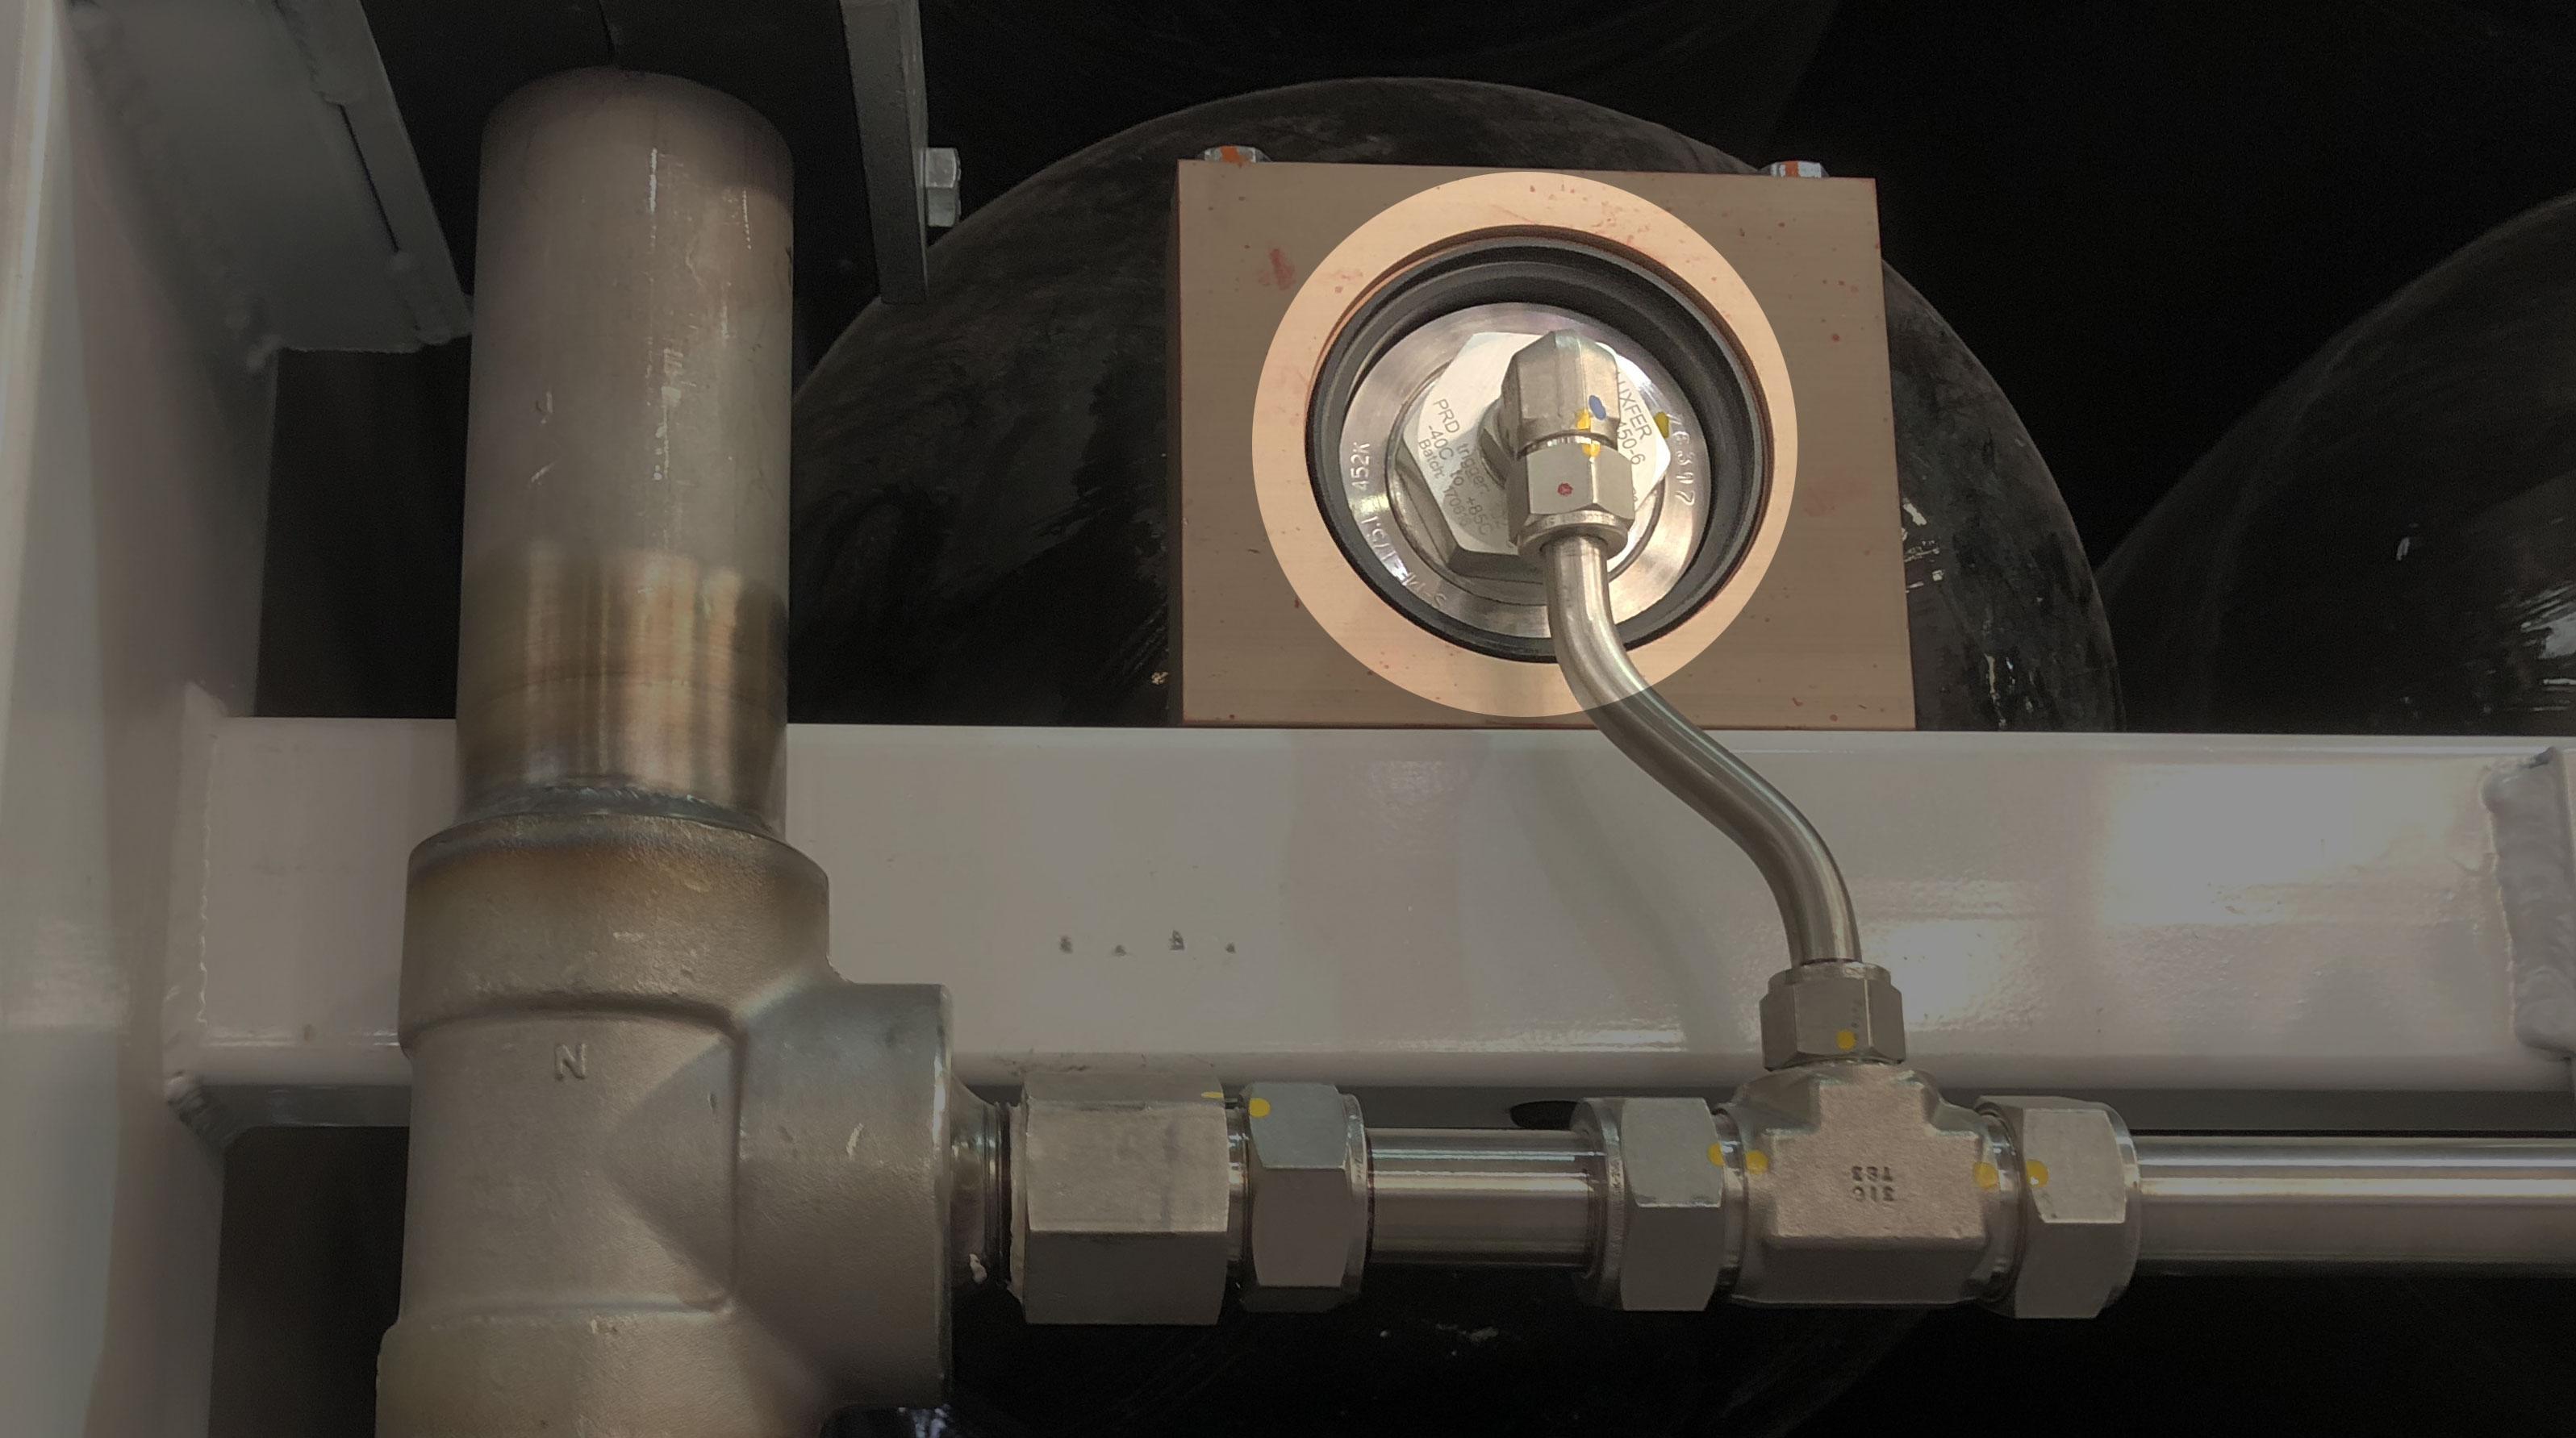 cg9-glass-bulb-highlight